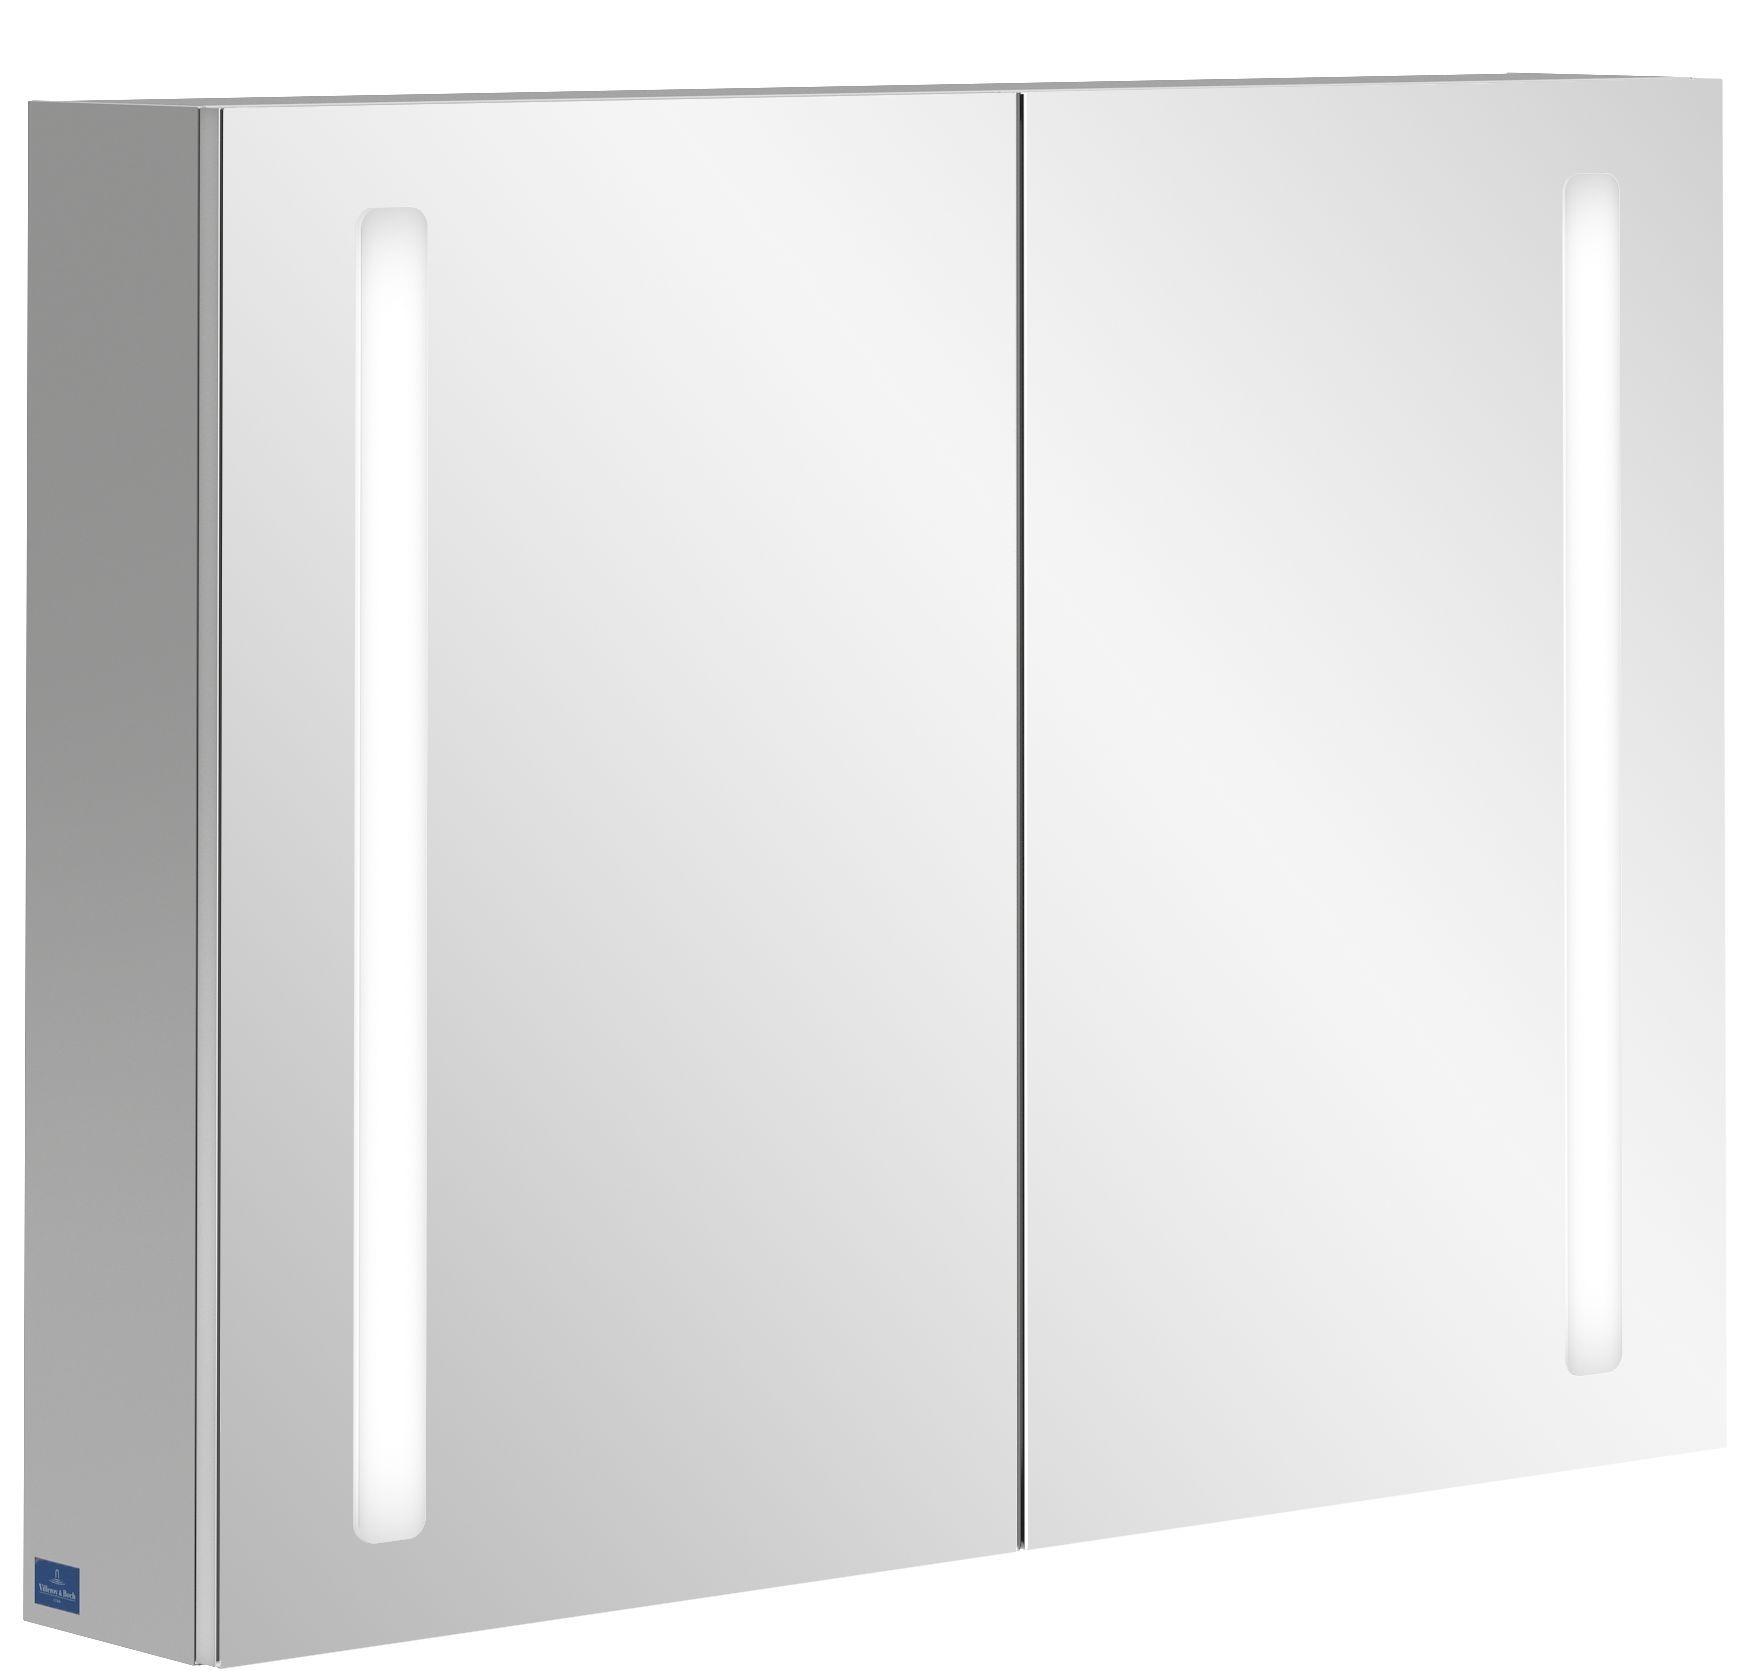 Villeroy & Boch My View 14+ Spiegelschrank mit integrierter LED Beleuchtung B:80xH:75xT:17,3cm A4338000